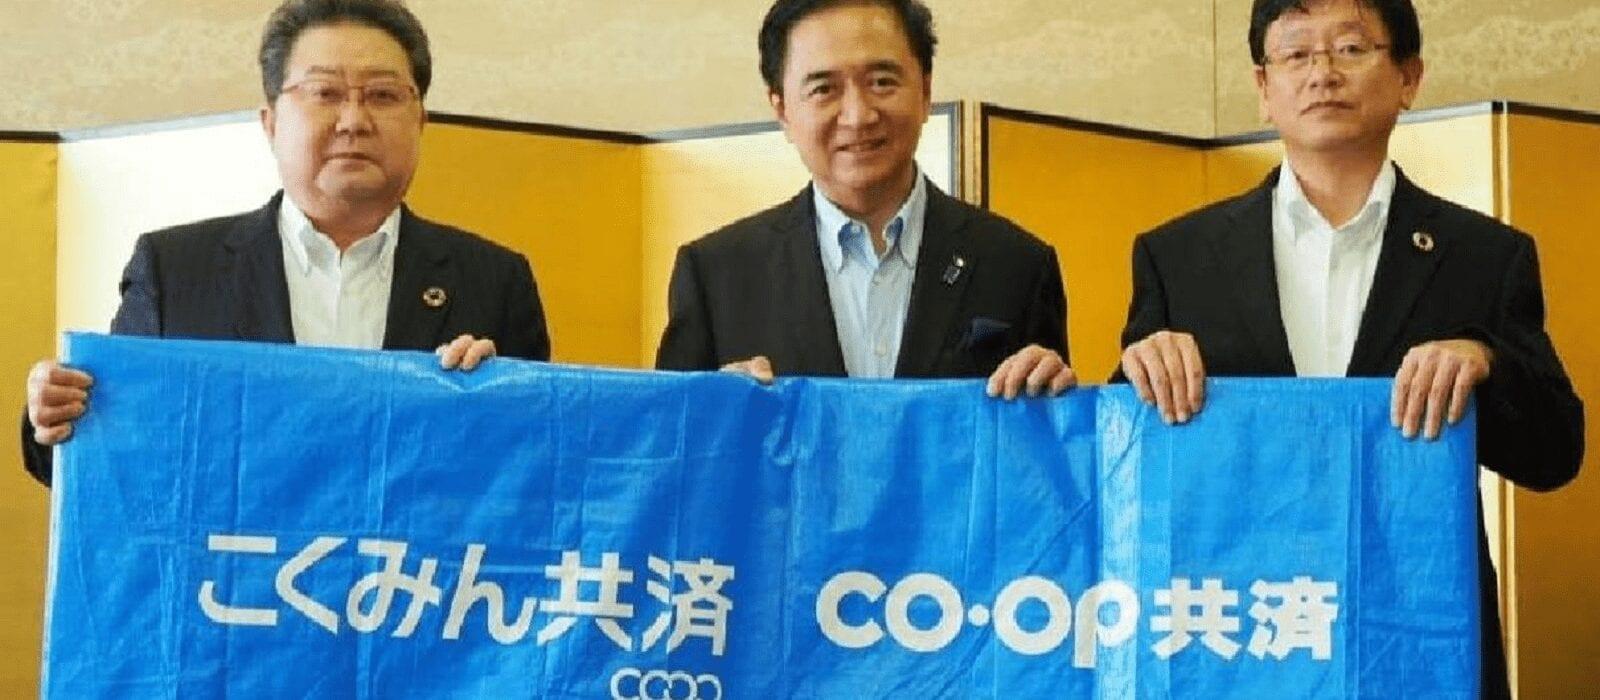 coop-kyosai-jcif